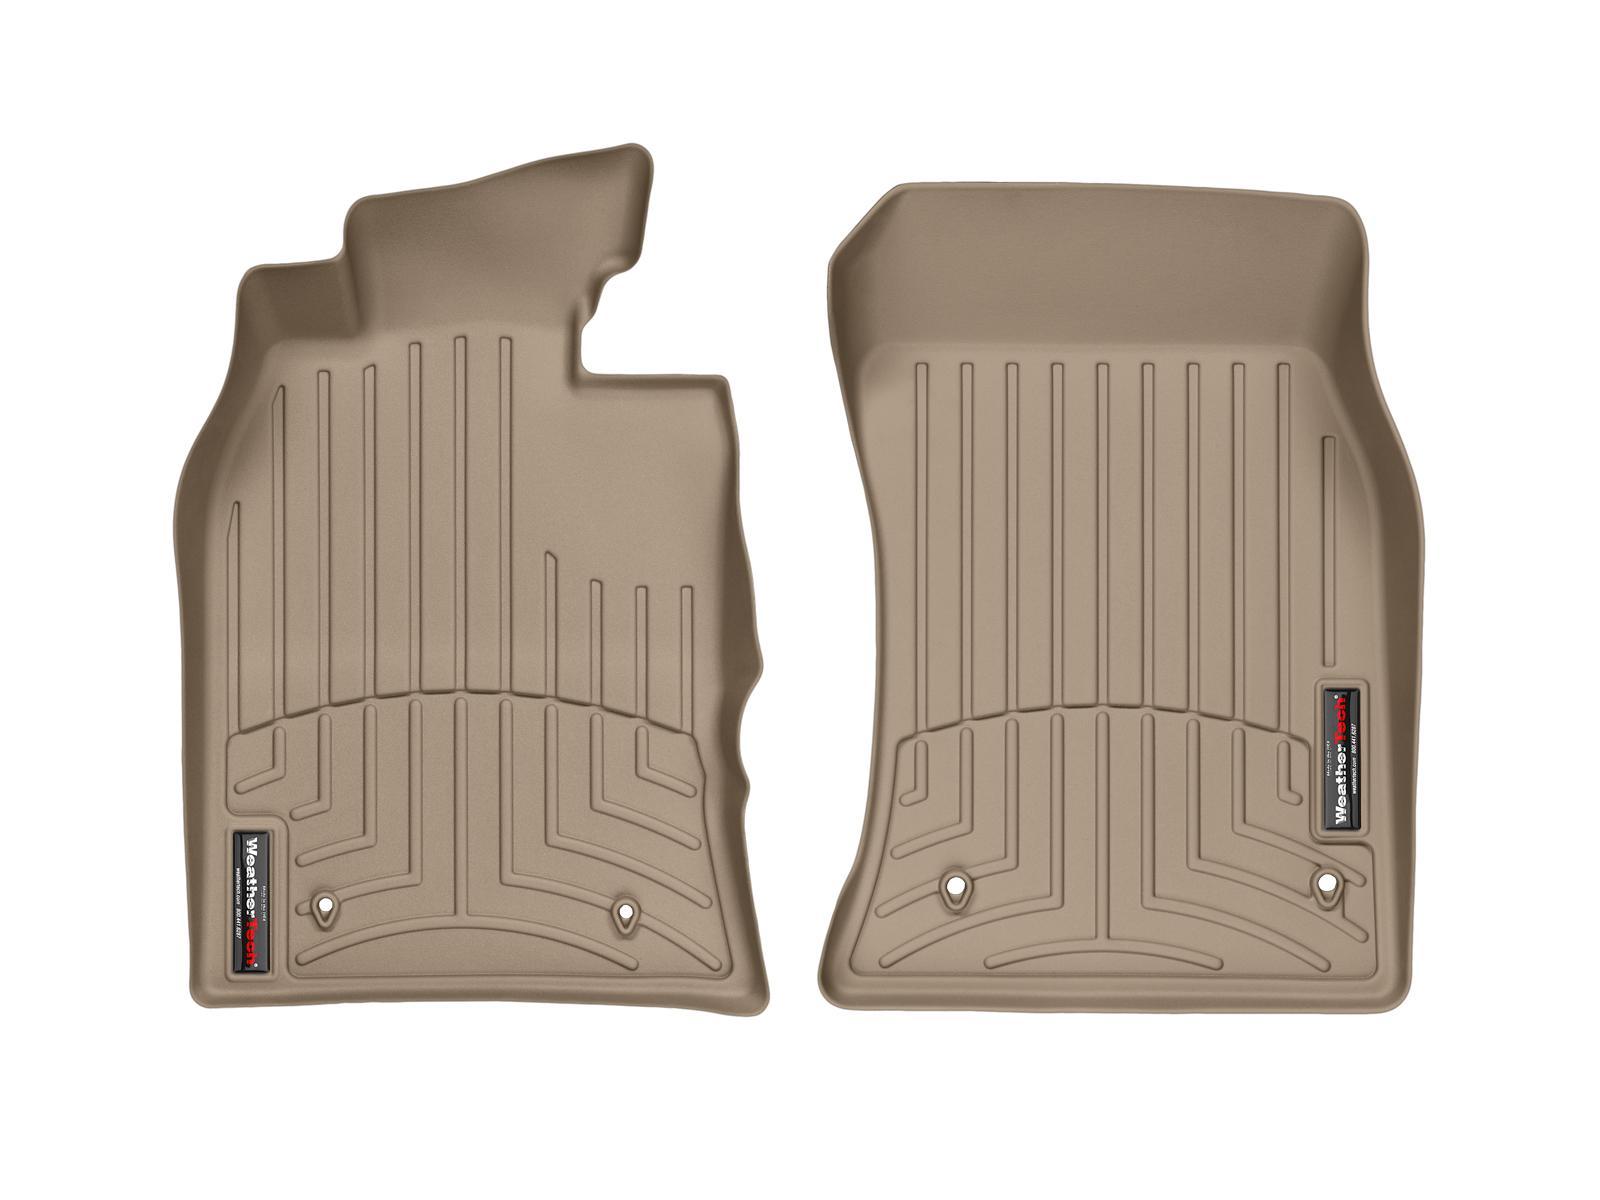 Tappeti gomma su misura bordo alto MINI Cooper / Cooper S 02>06 Marrone A2664*